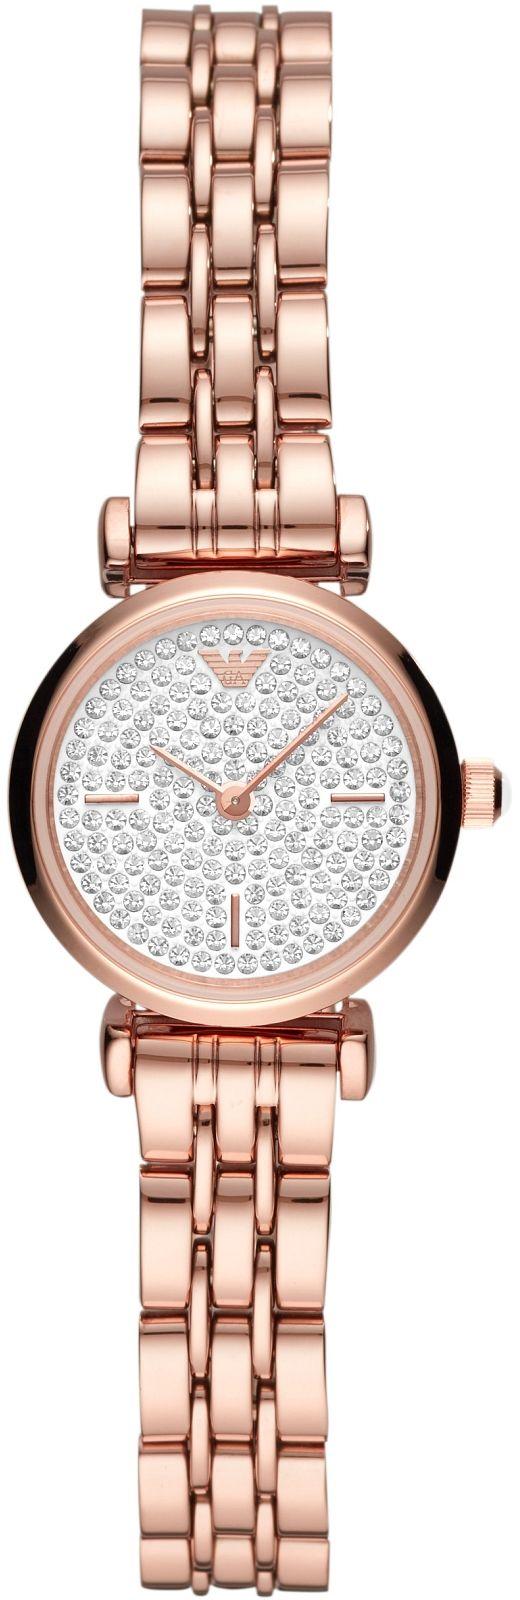 Zegarek Emporio Armani AR11266 > Wysyłka tego samego dnia Grawer 0zł Darmowa dostawa Kurierem/Inpost Darmowy zwrot przez 100 DNI